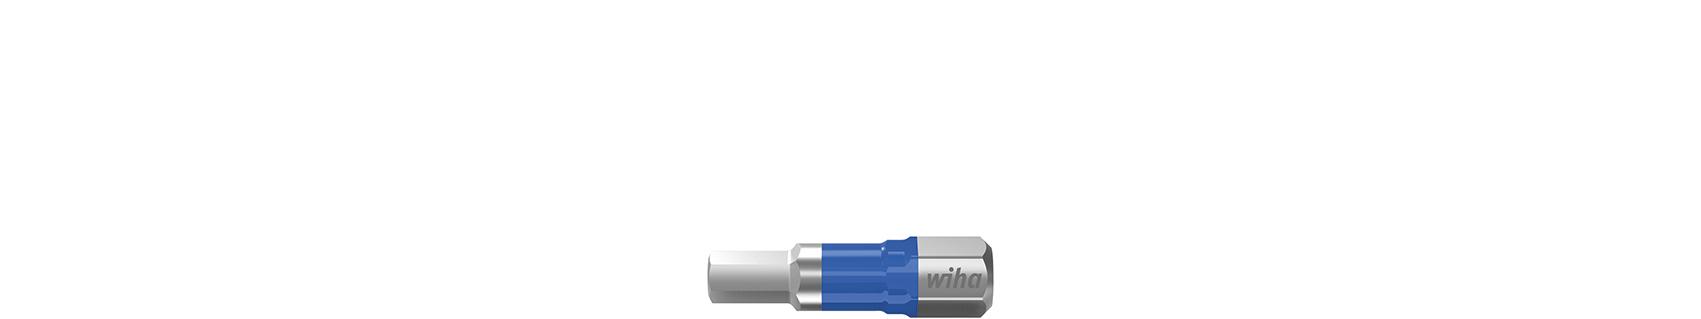 Wiha 41623 - 5 Stück(e) - Quadratisch - 2,5 cm - 46 g - 25,4 / 4 mm (1 / 4 Zoll) - Hexagonal